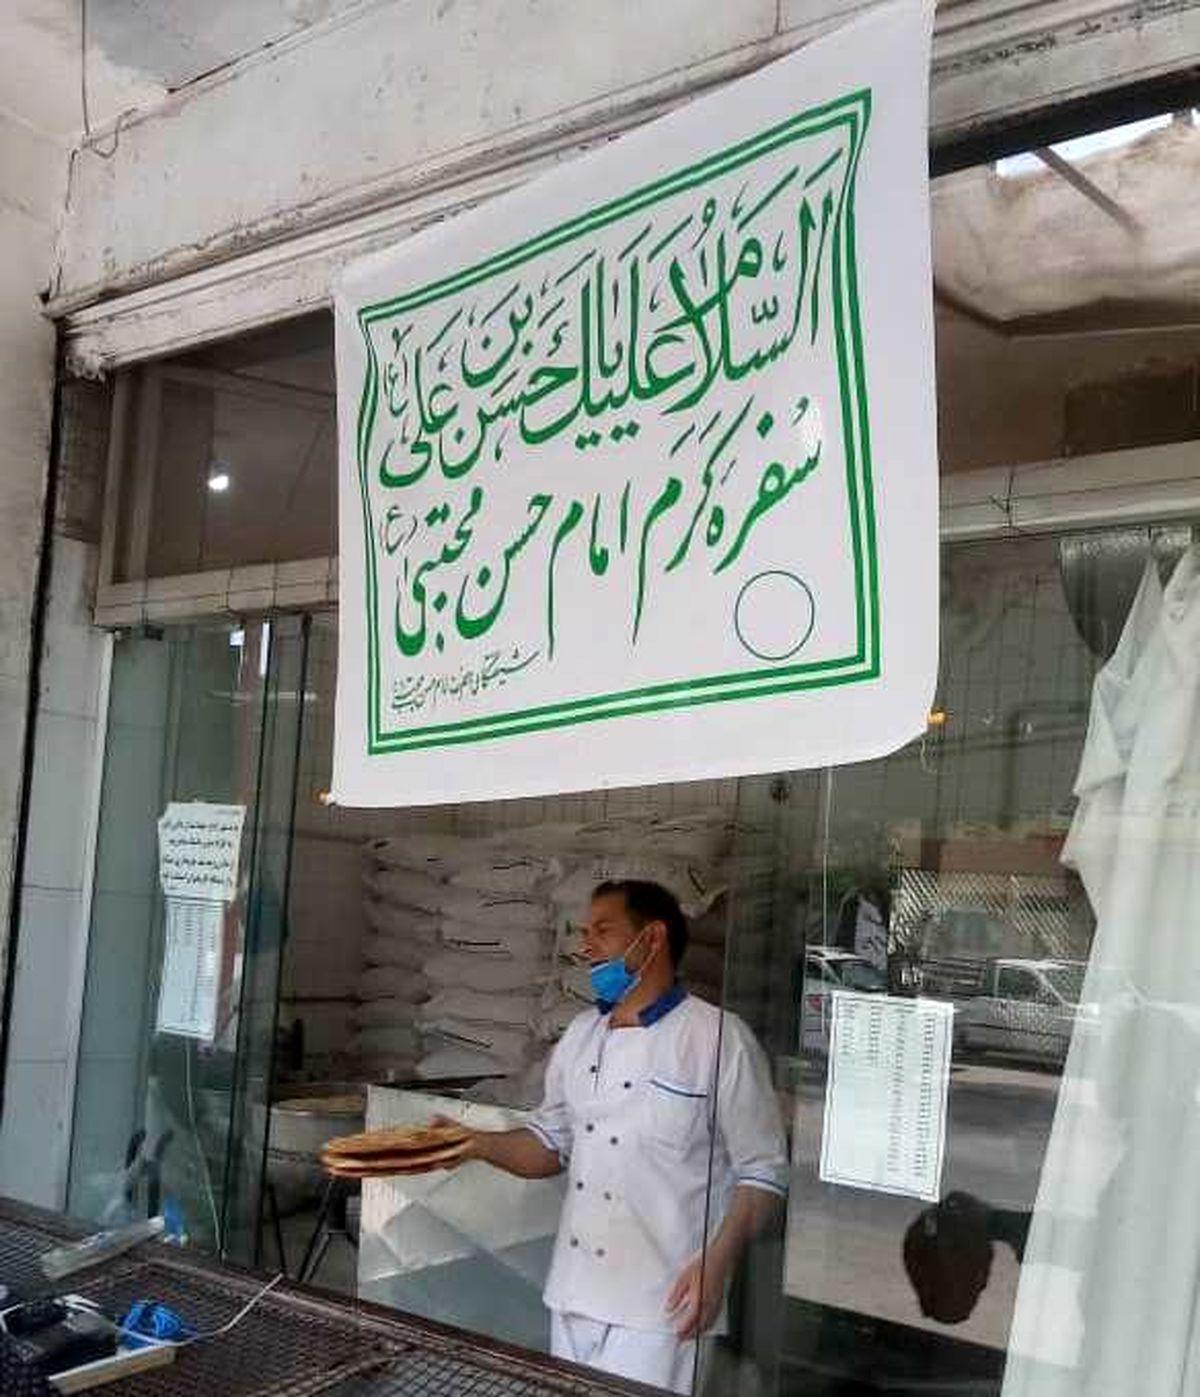 توزیع 100 هزار قرص نان به همت اتاق اصناف شهرستان خمینی شهر